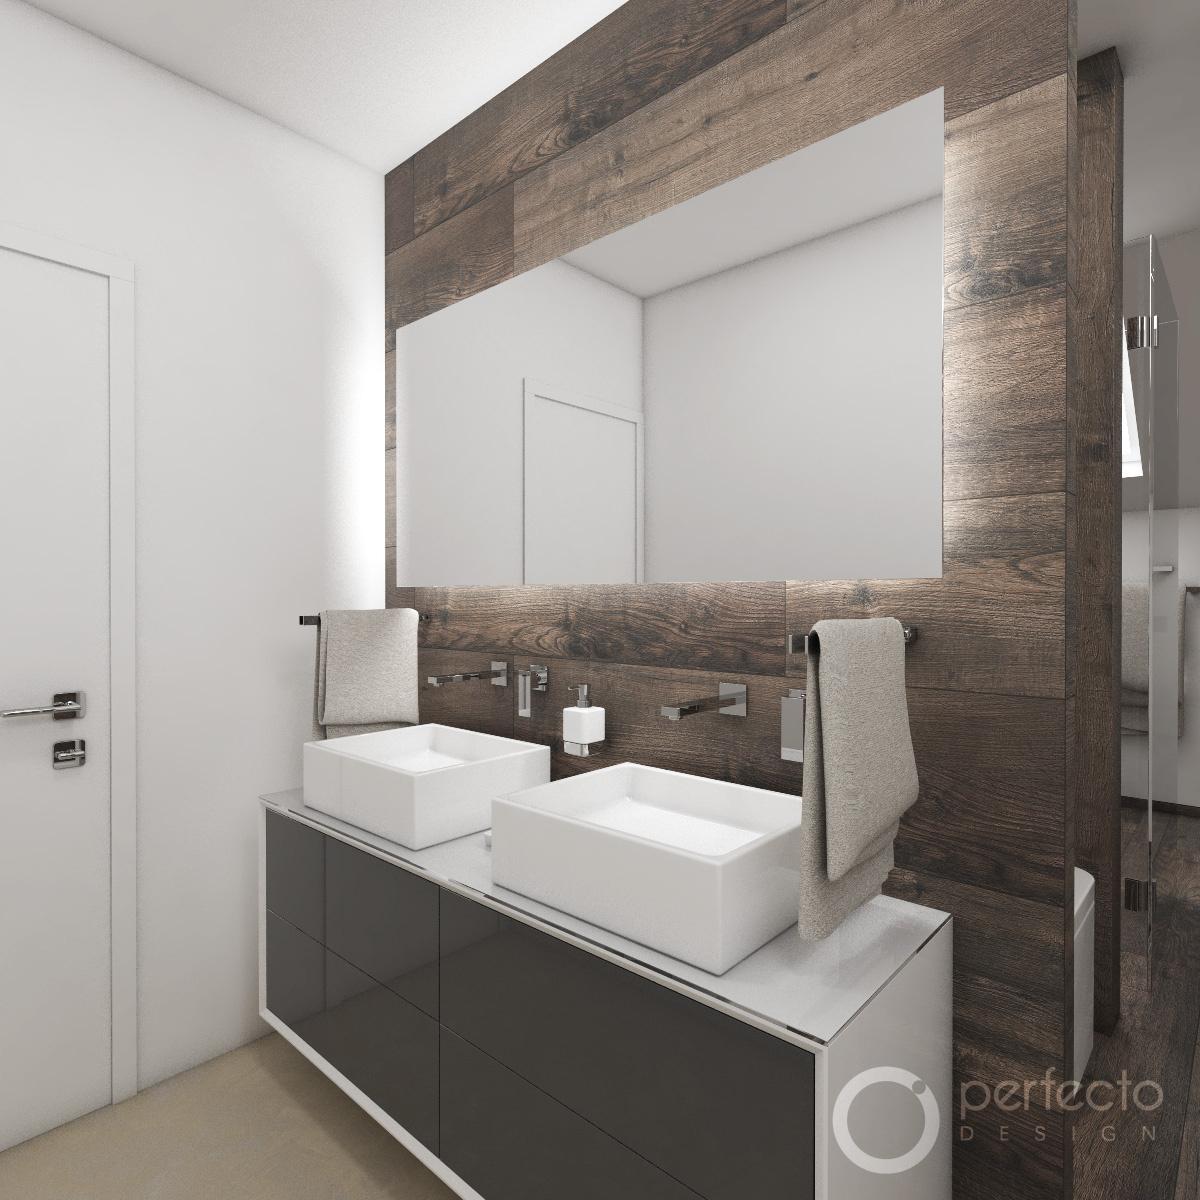 Moderne badezimmer bilder hausgestaltung ideen - Kleine moderne badezimmer ...